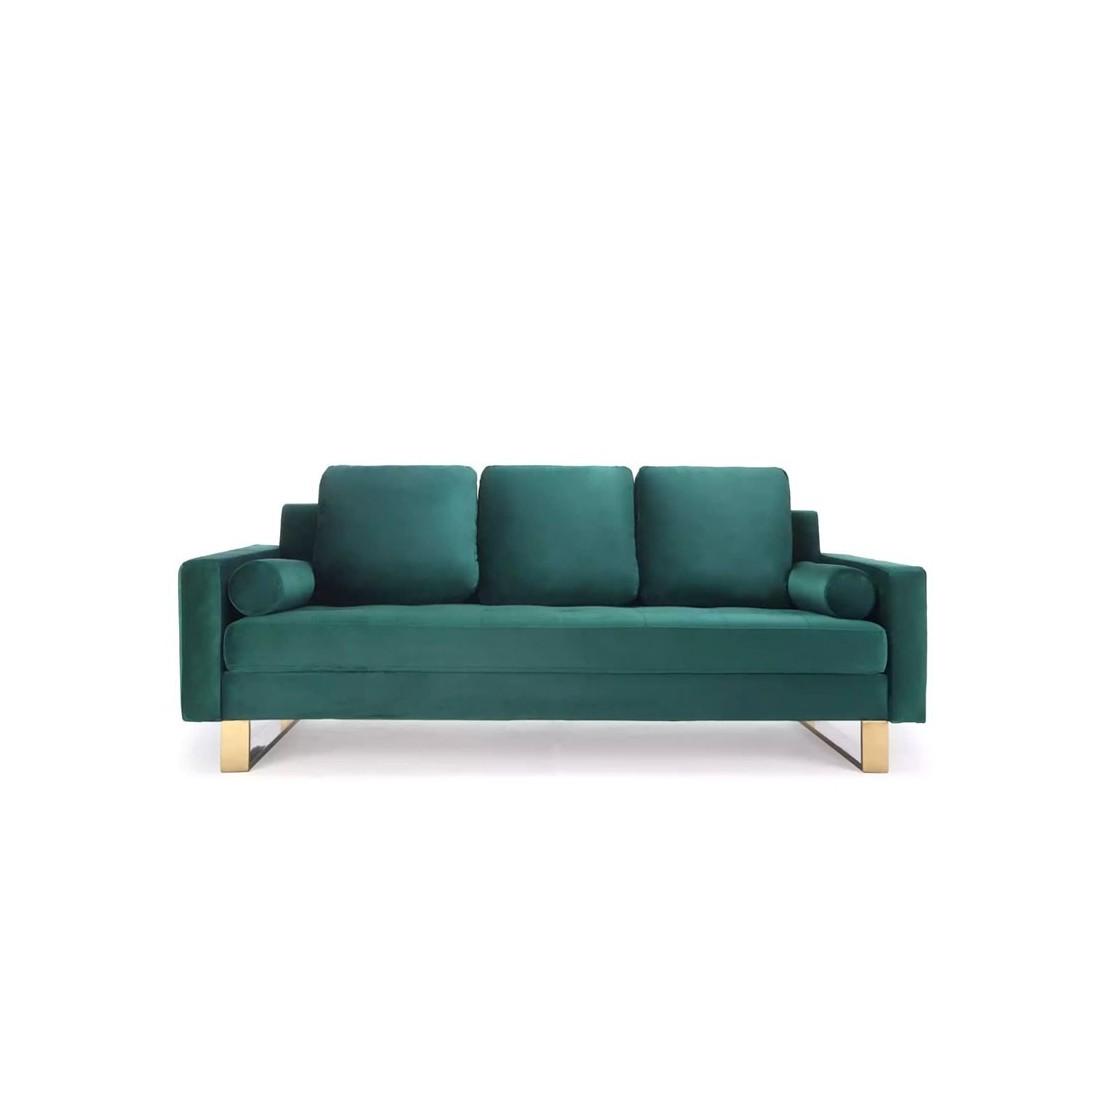 canap 3 places pied en couleur laiton qui allie le vert et le dor pour un effet design r ussi. Black Bedroom Furniture Sets. Home Design Ideas